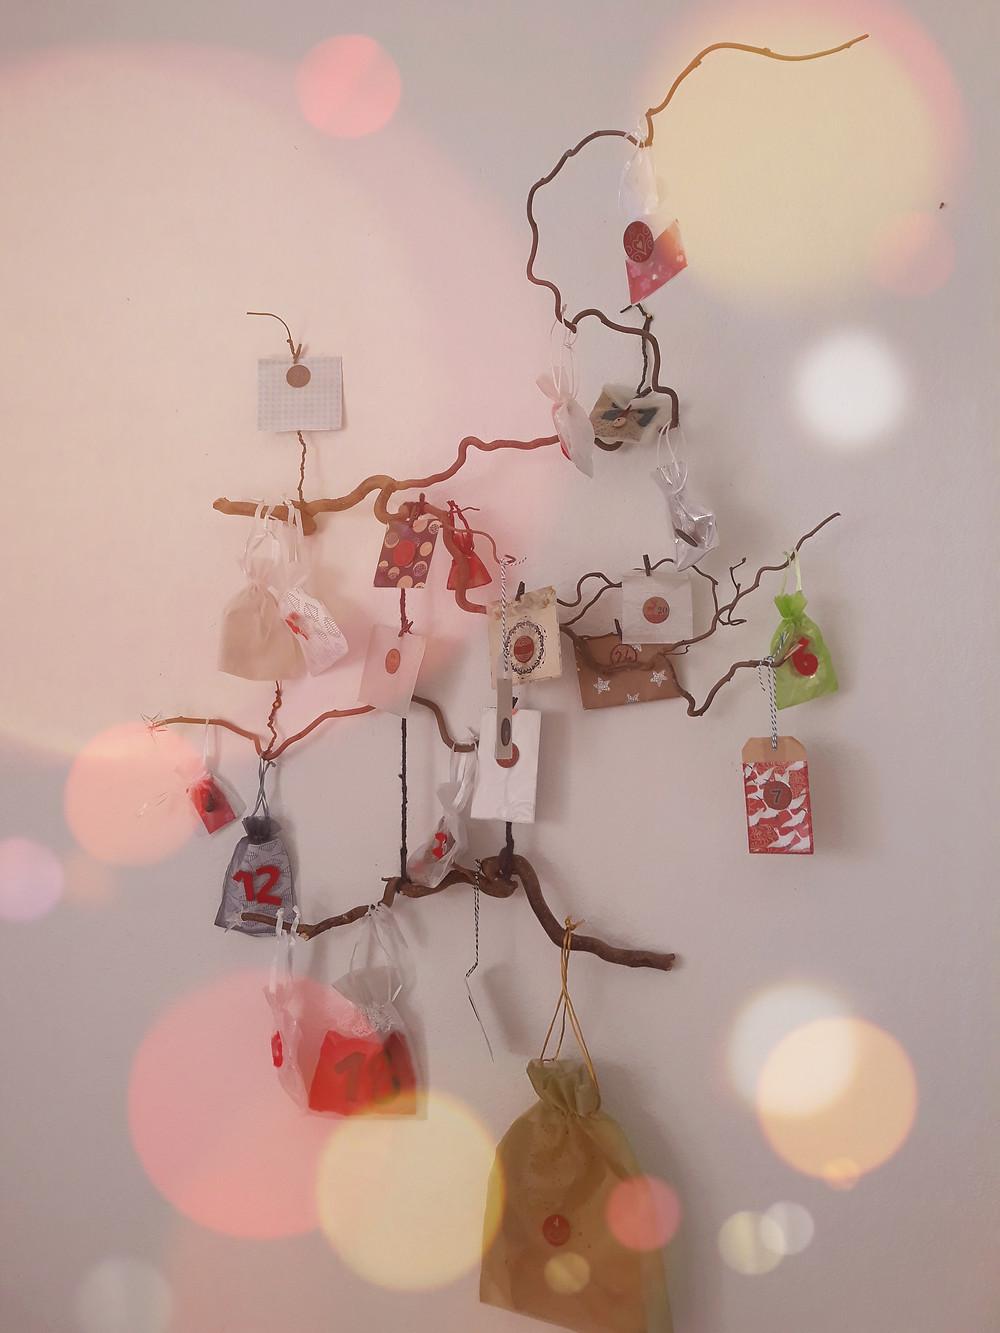 de jolies branches, des sachets en tulle, feutrine, ou papier, des rubans délicats et chocolats et autres sucres d'orge suspendus au mur pour la chasse aux numéros magiques